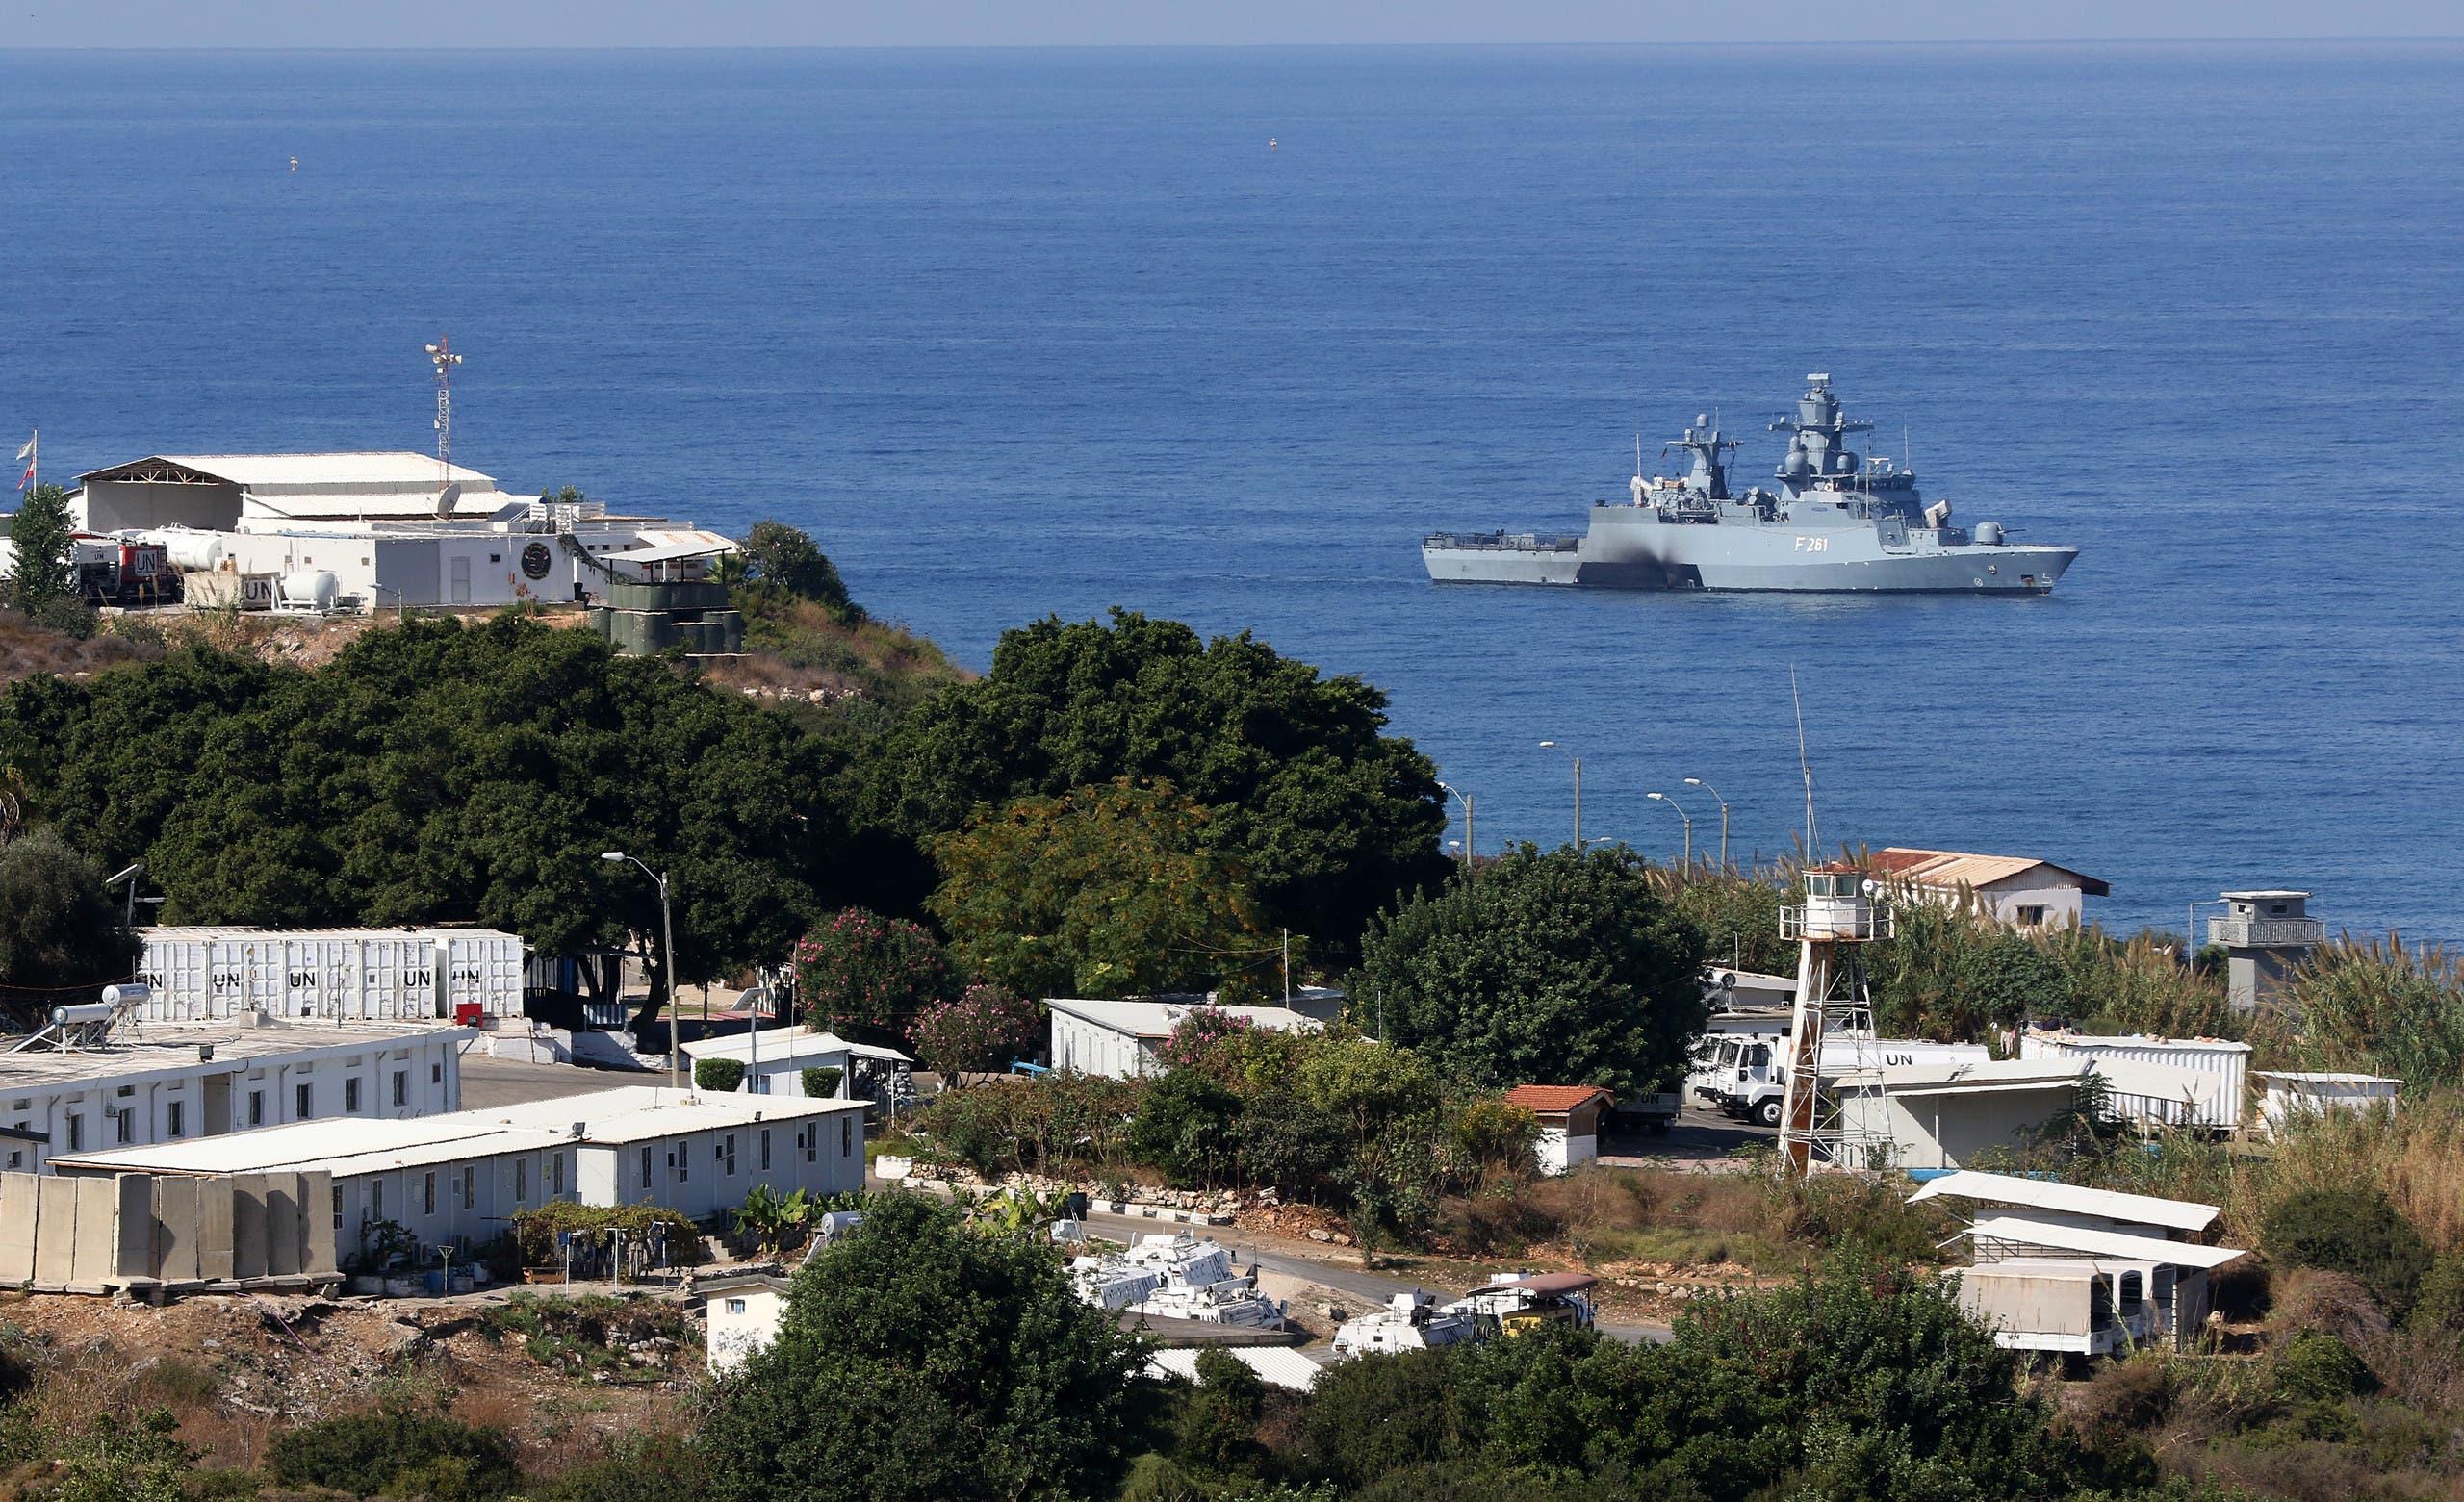 سفينة للأمم المتحدة في المياه الحدودية بين لبنان وإسرائيل